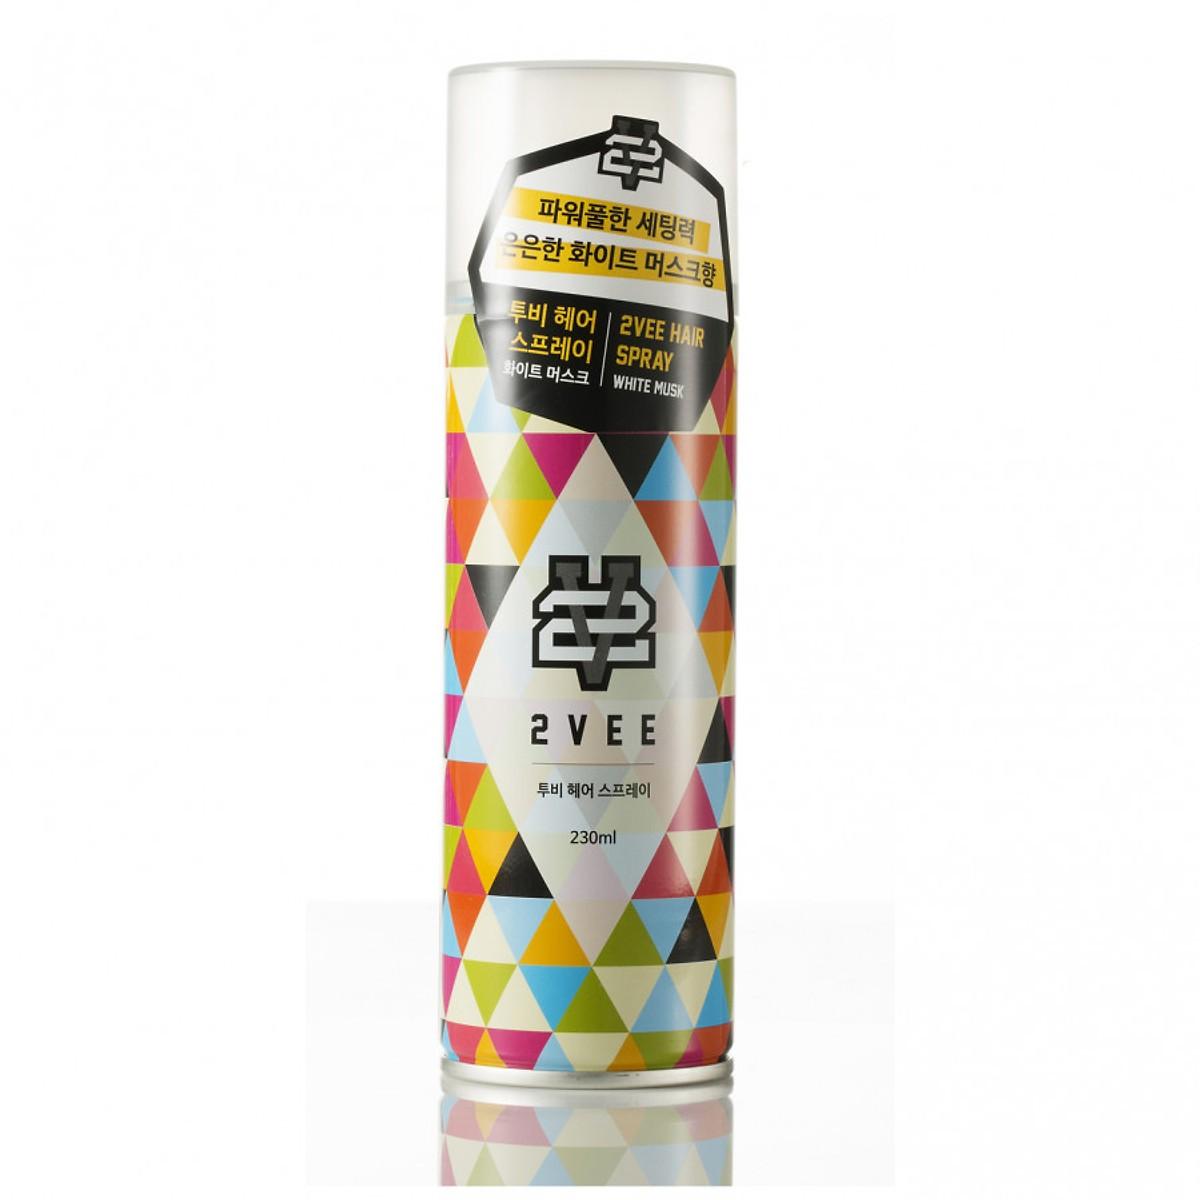 Gôm xịt tóc tạo kiểu giá rẻ 2VEE Spray 230ml